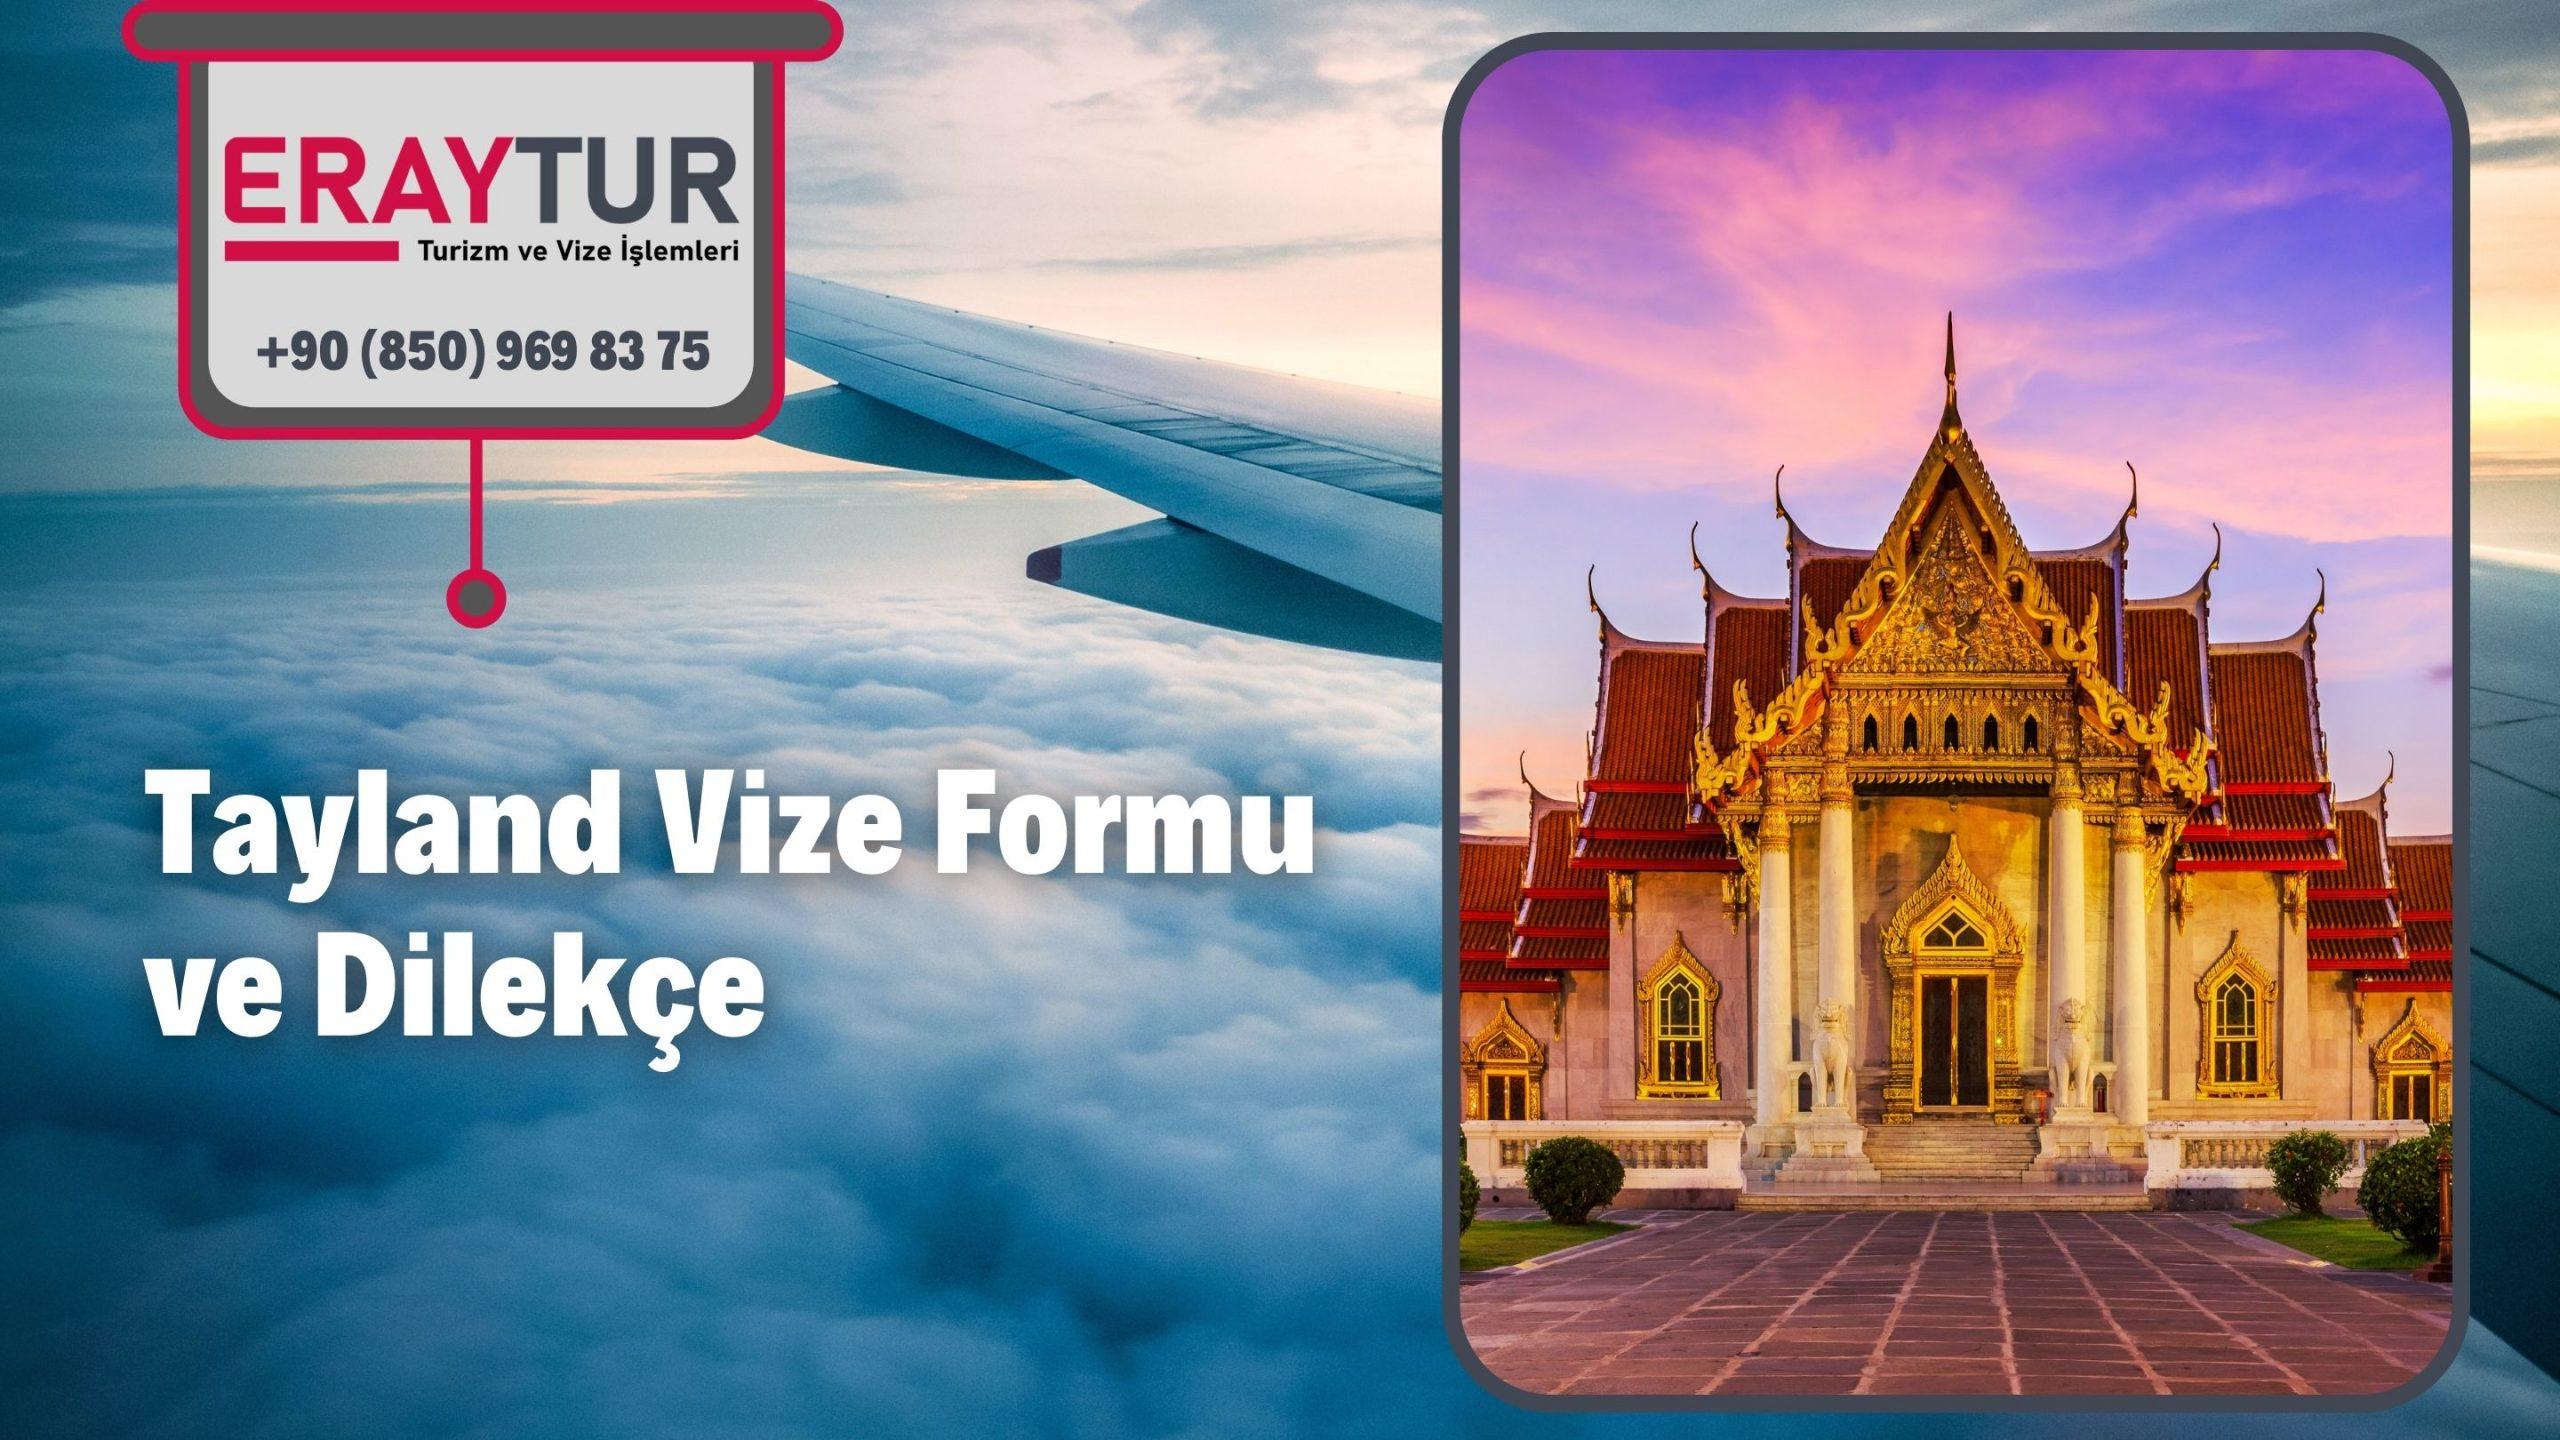 Tayland Vize Formu ve Dilekçe 1 – tayland vize formu ve dilekce 1 scaled